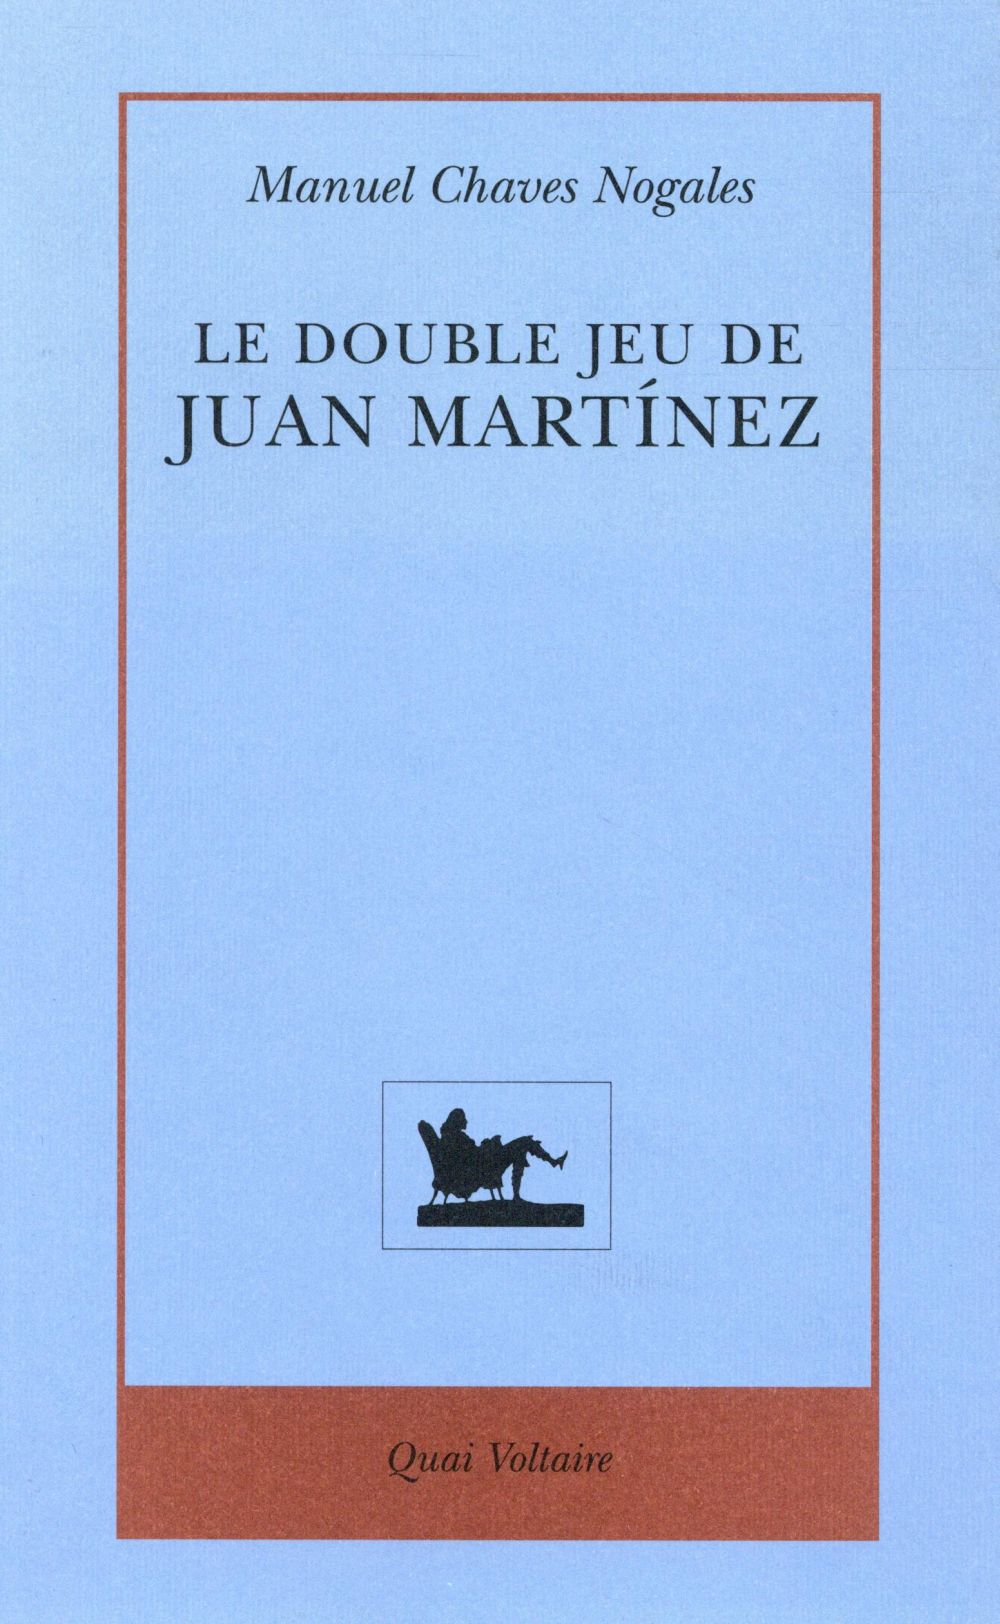 Le double jeu de Juan Martinez